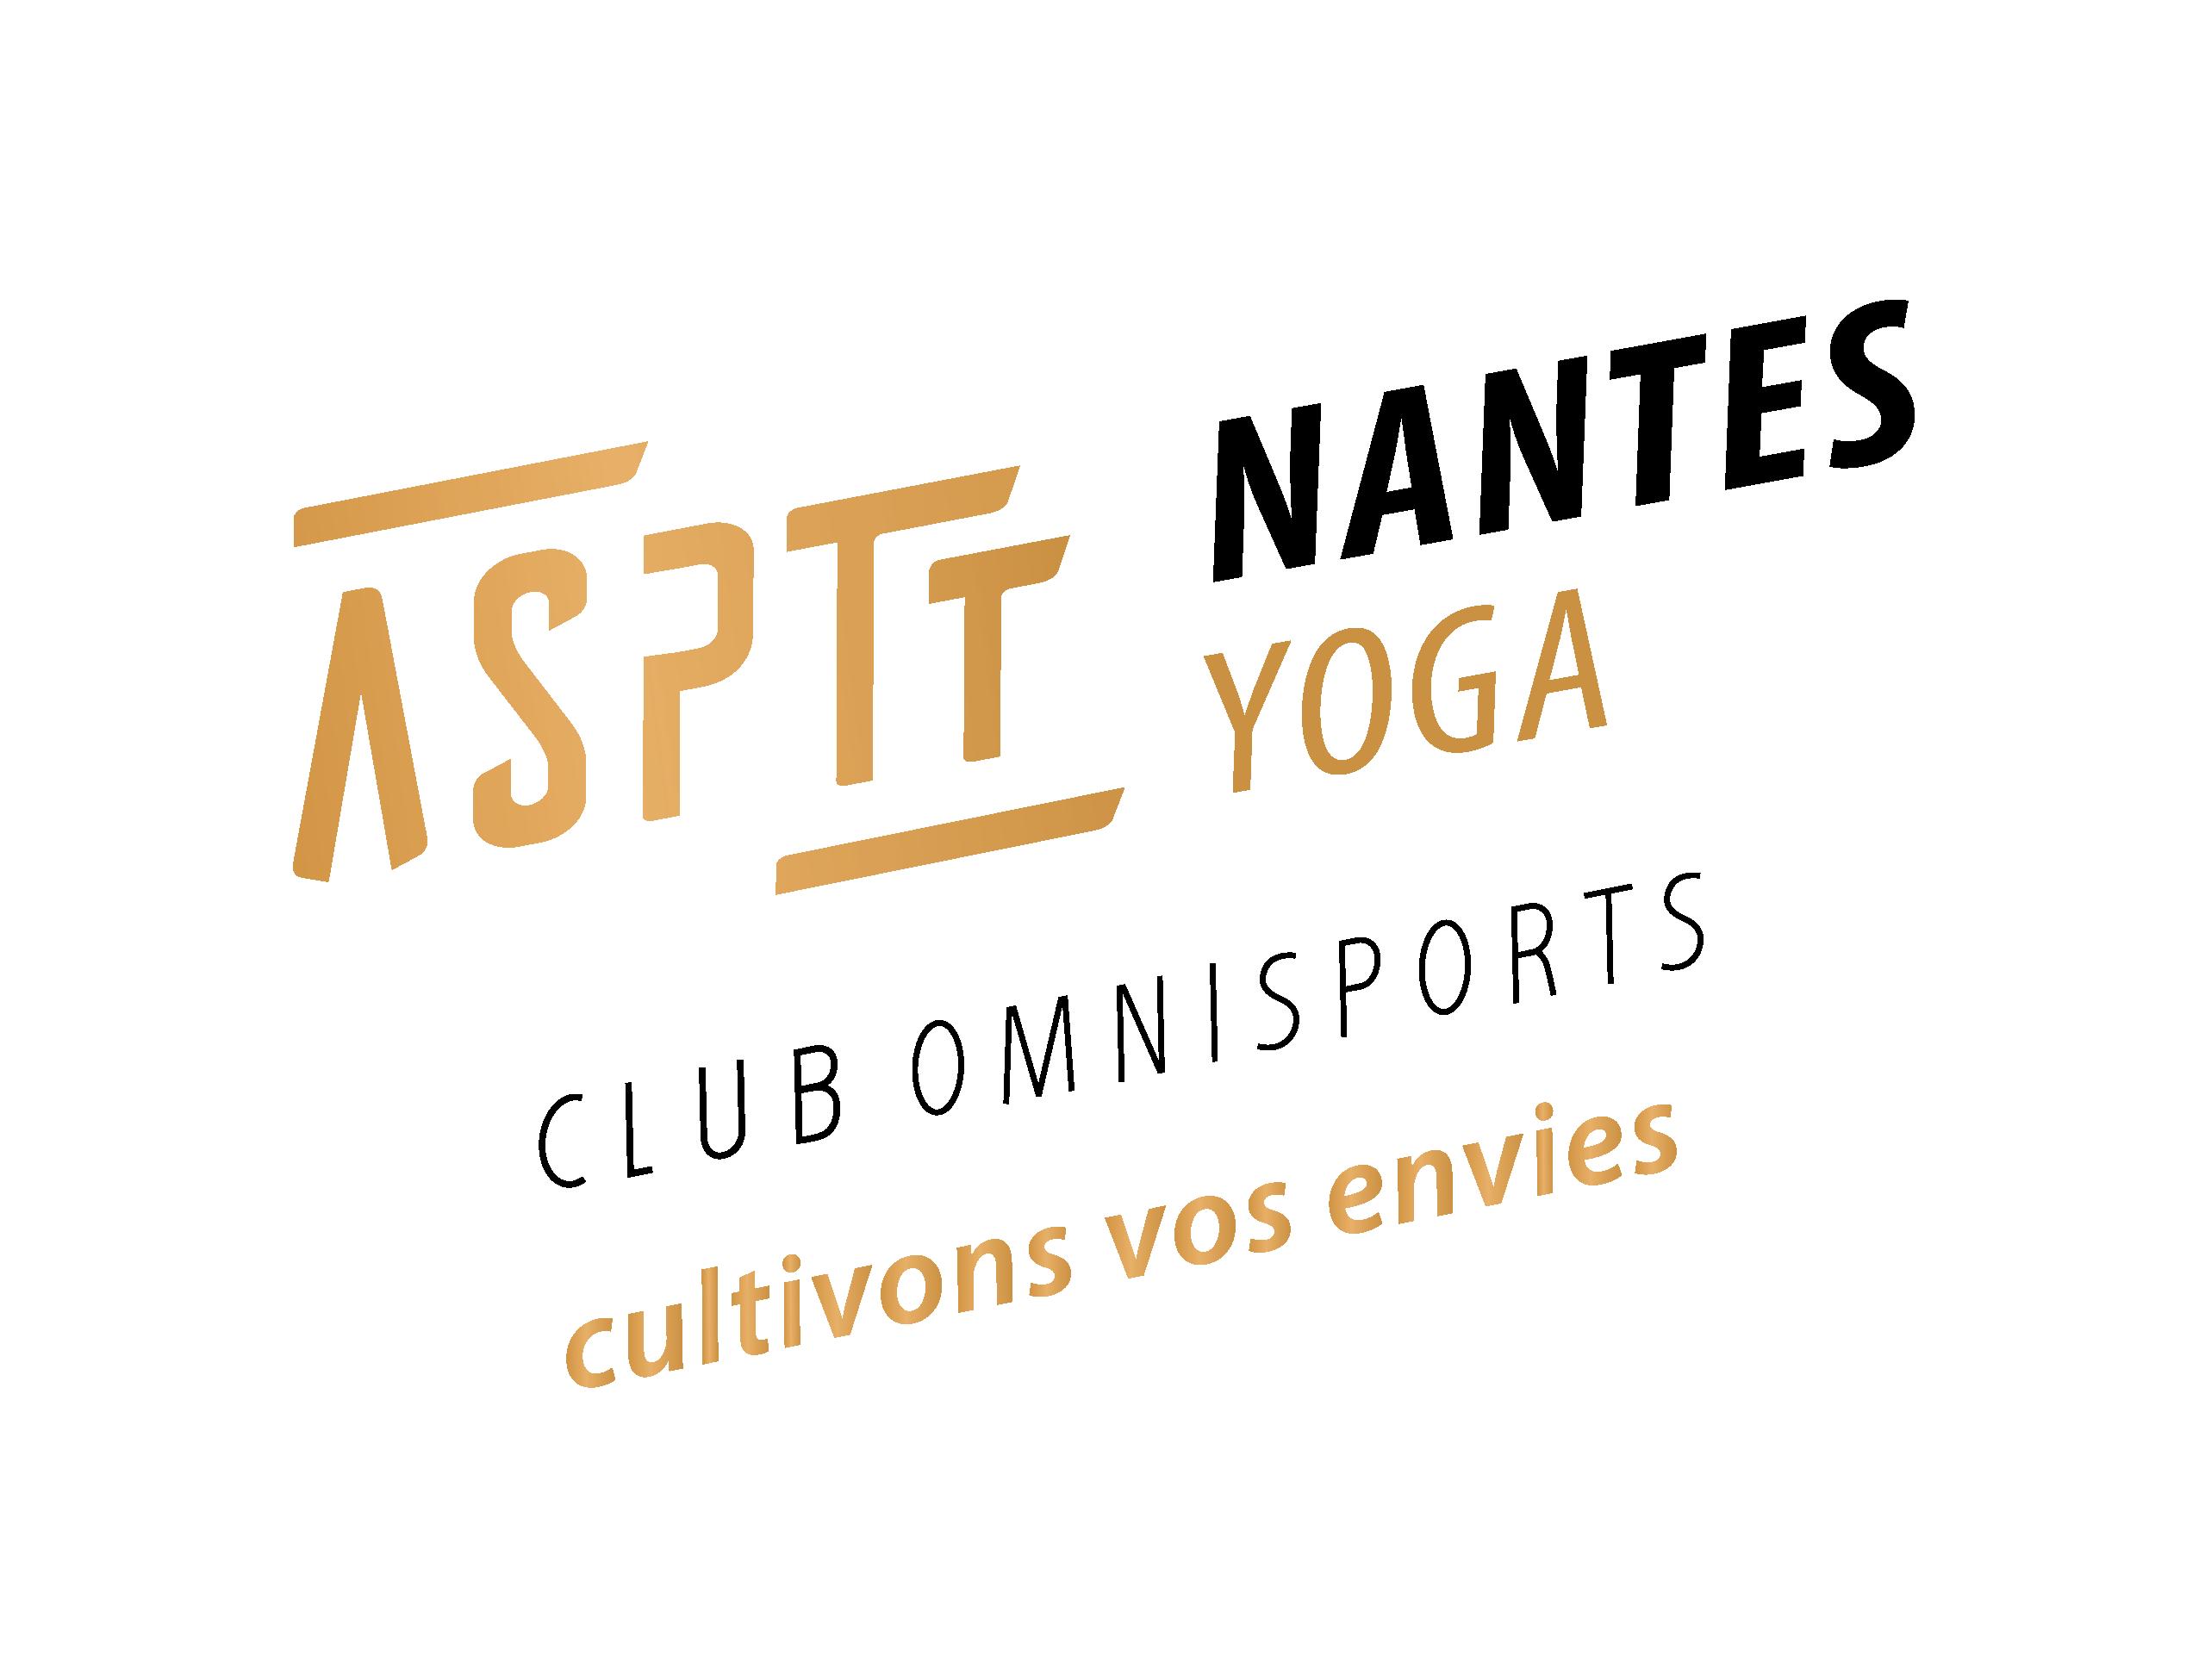 Yoga - Venez vous joindre à nous